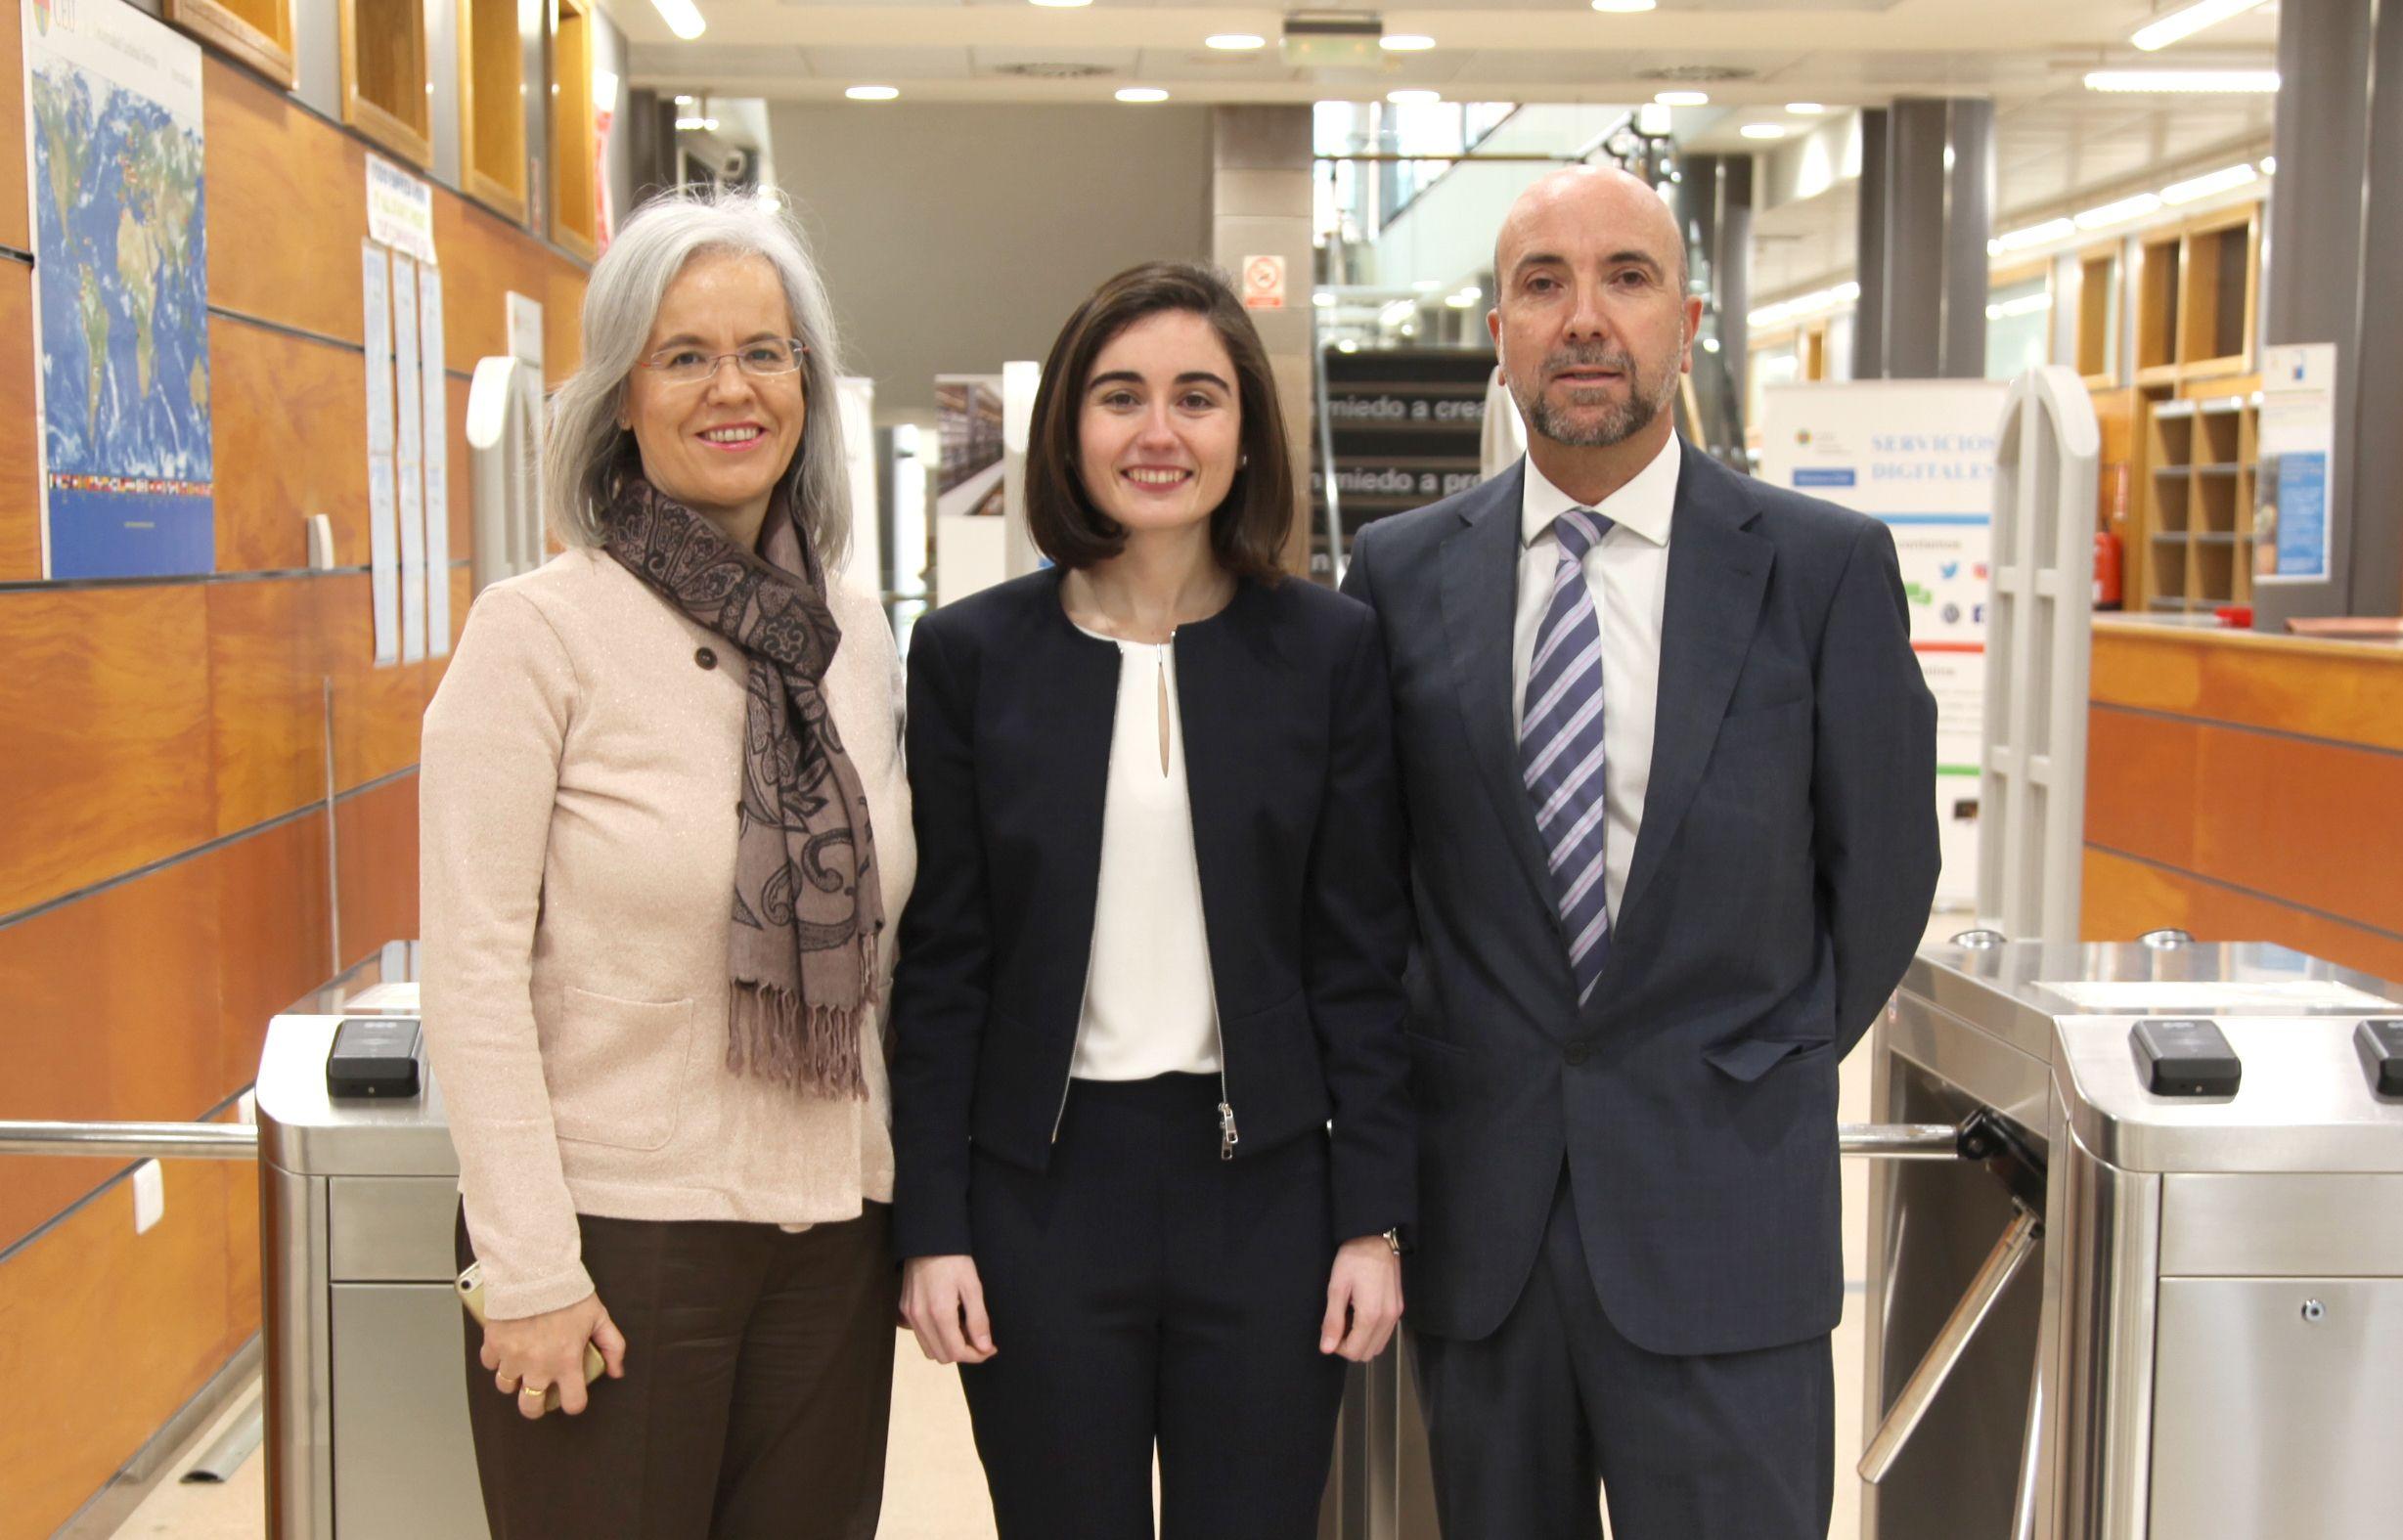 La catedrática de Microbiología de la CEU UCH, Teresa Pérez Gracia, la doctora Beatriz Suay, autora de la tesis, y el profesor Pedro Alemán, del Departamento de Farmacia de la CEU UCH.